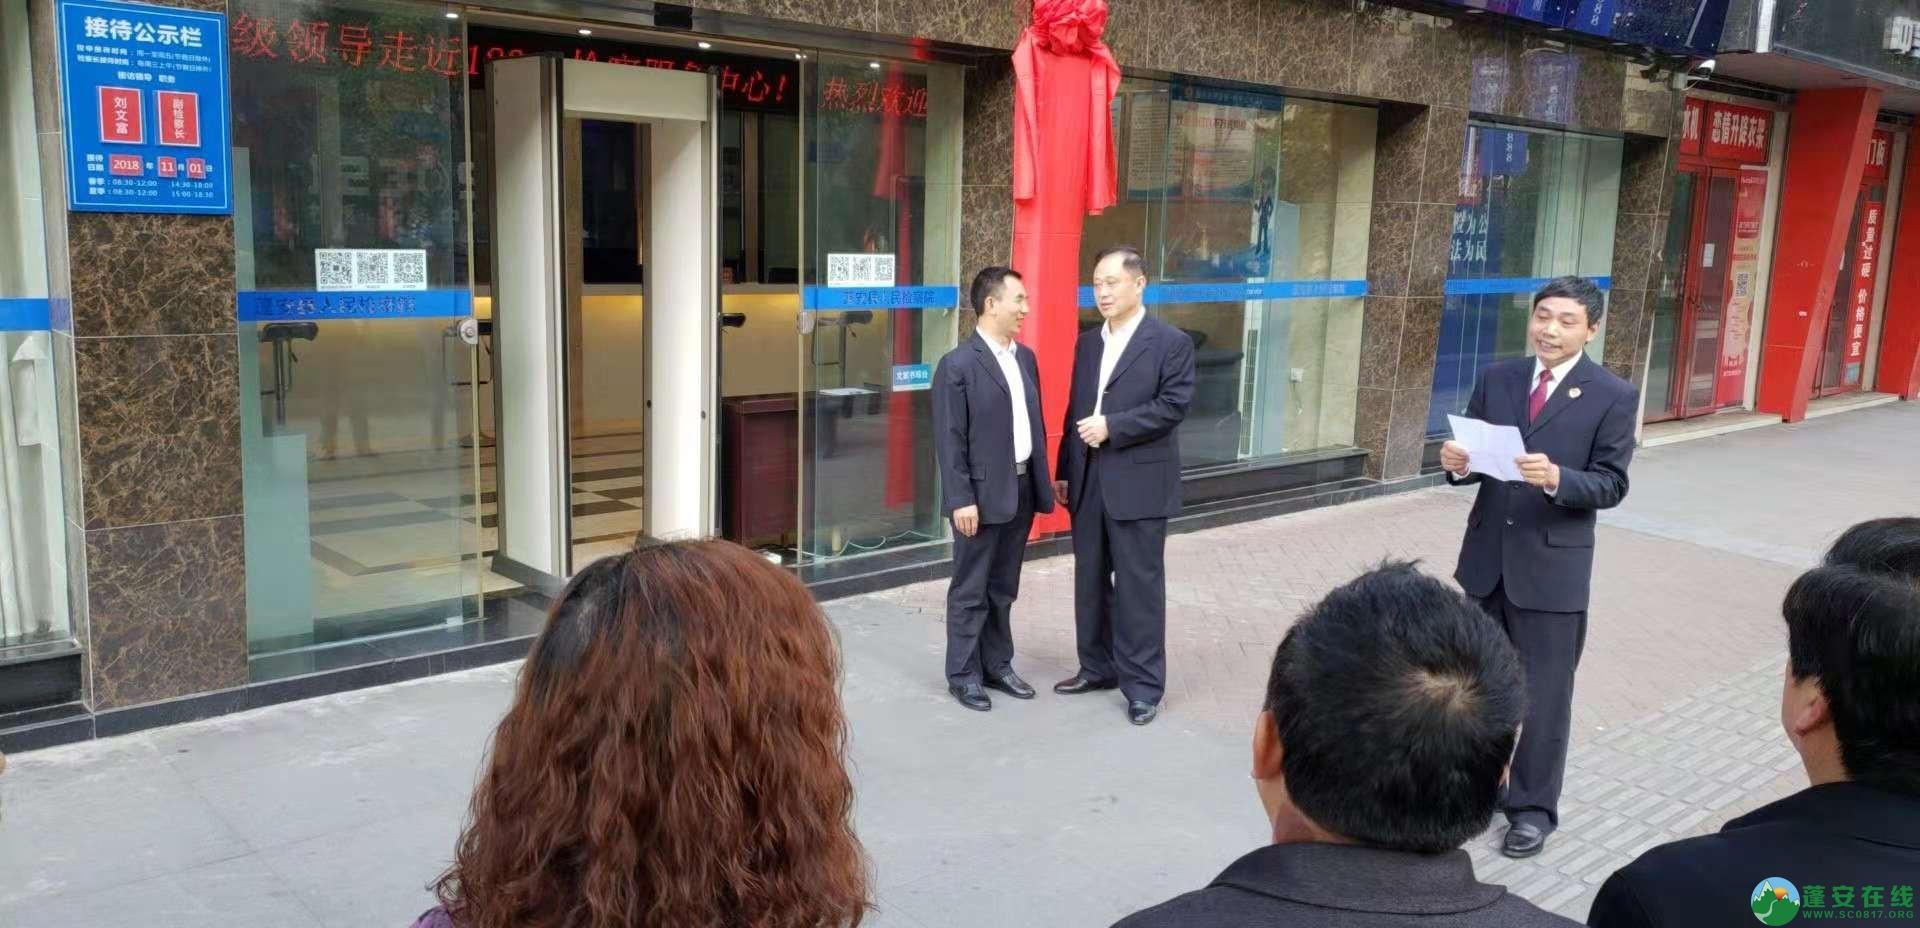 蓬安县人民检察院12309检察服务中心正式宣告挂牌成立 - 第6张  | 蓬安在线